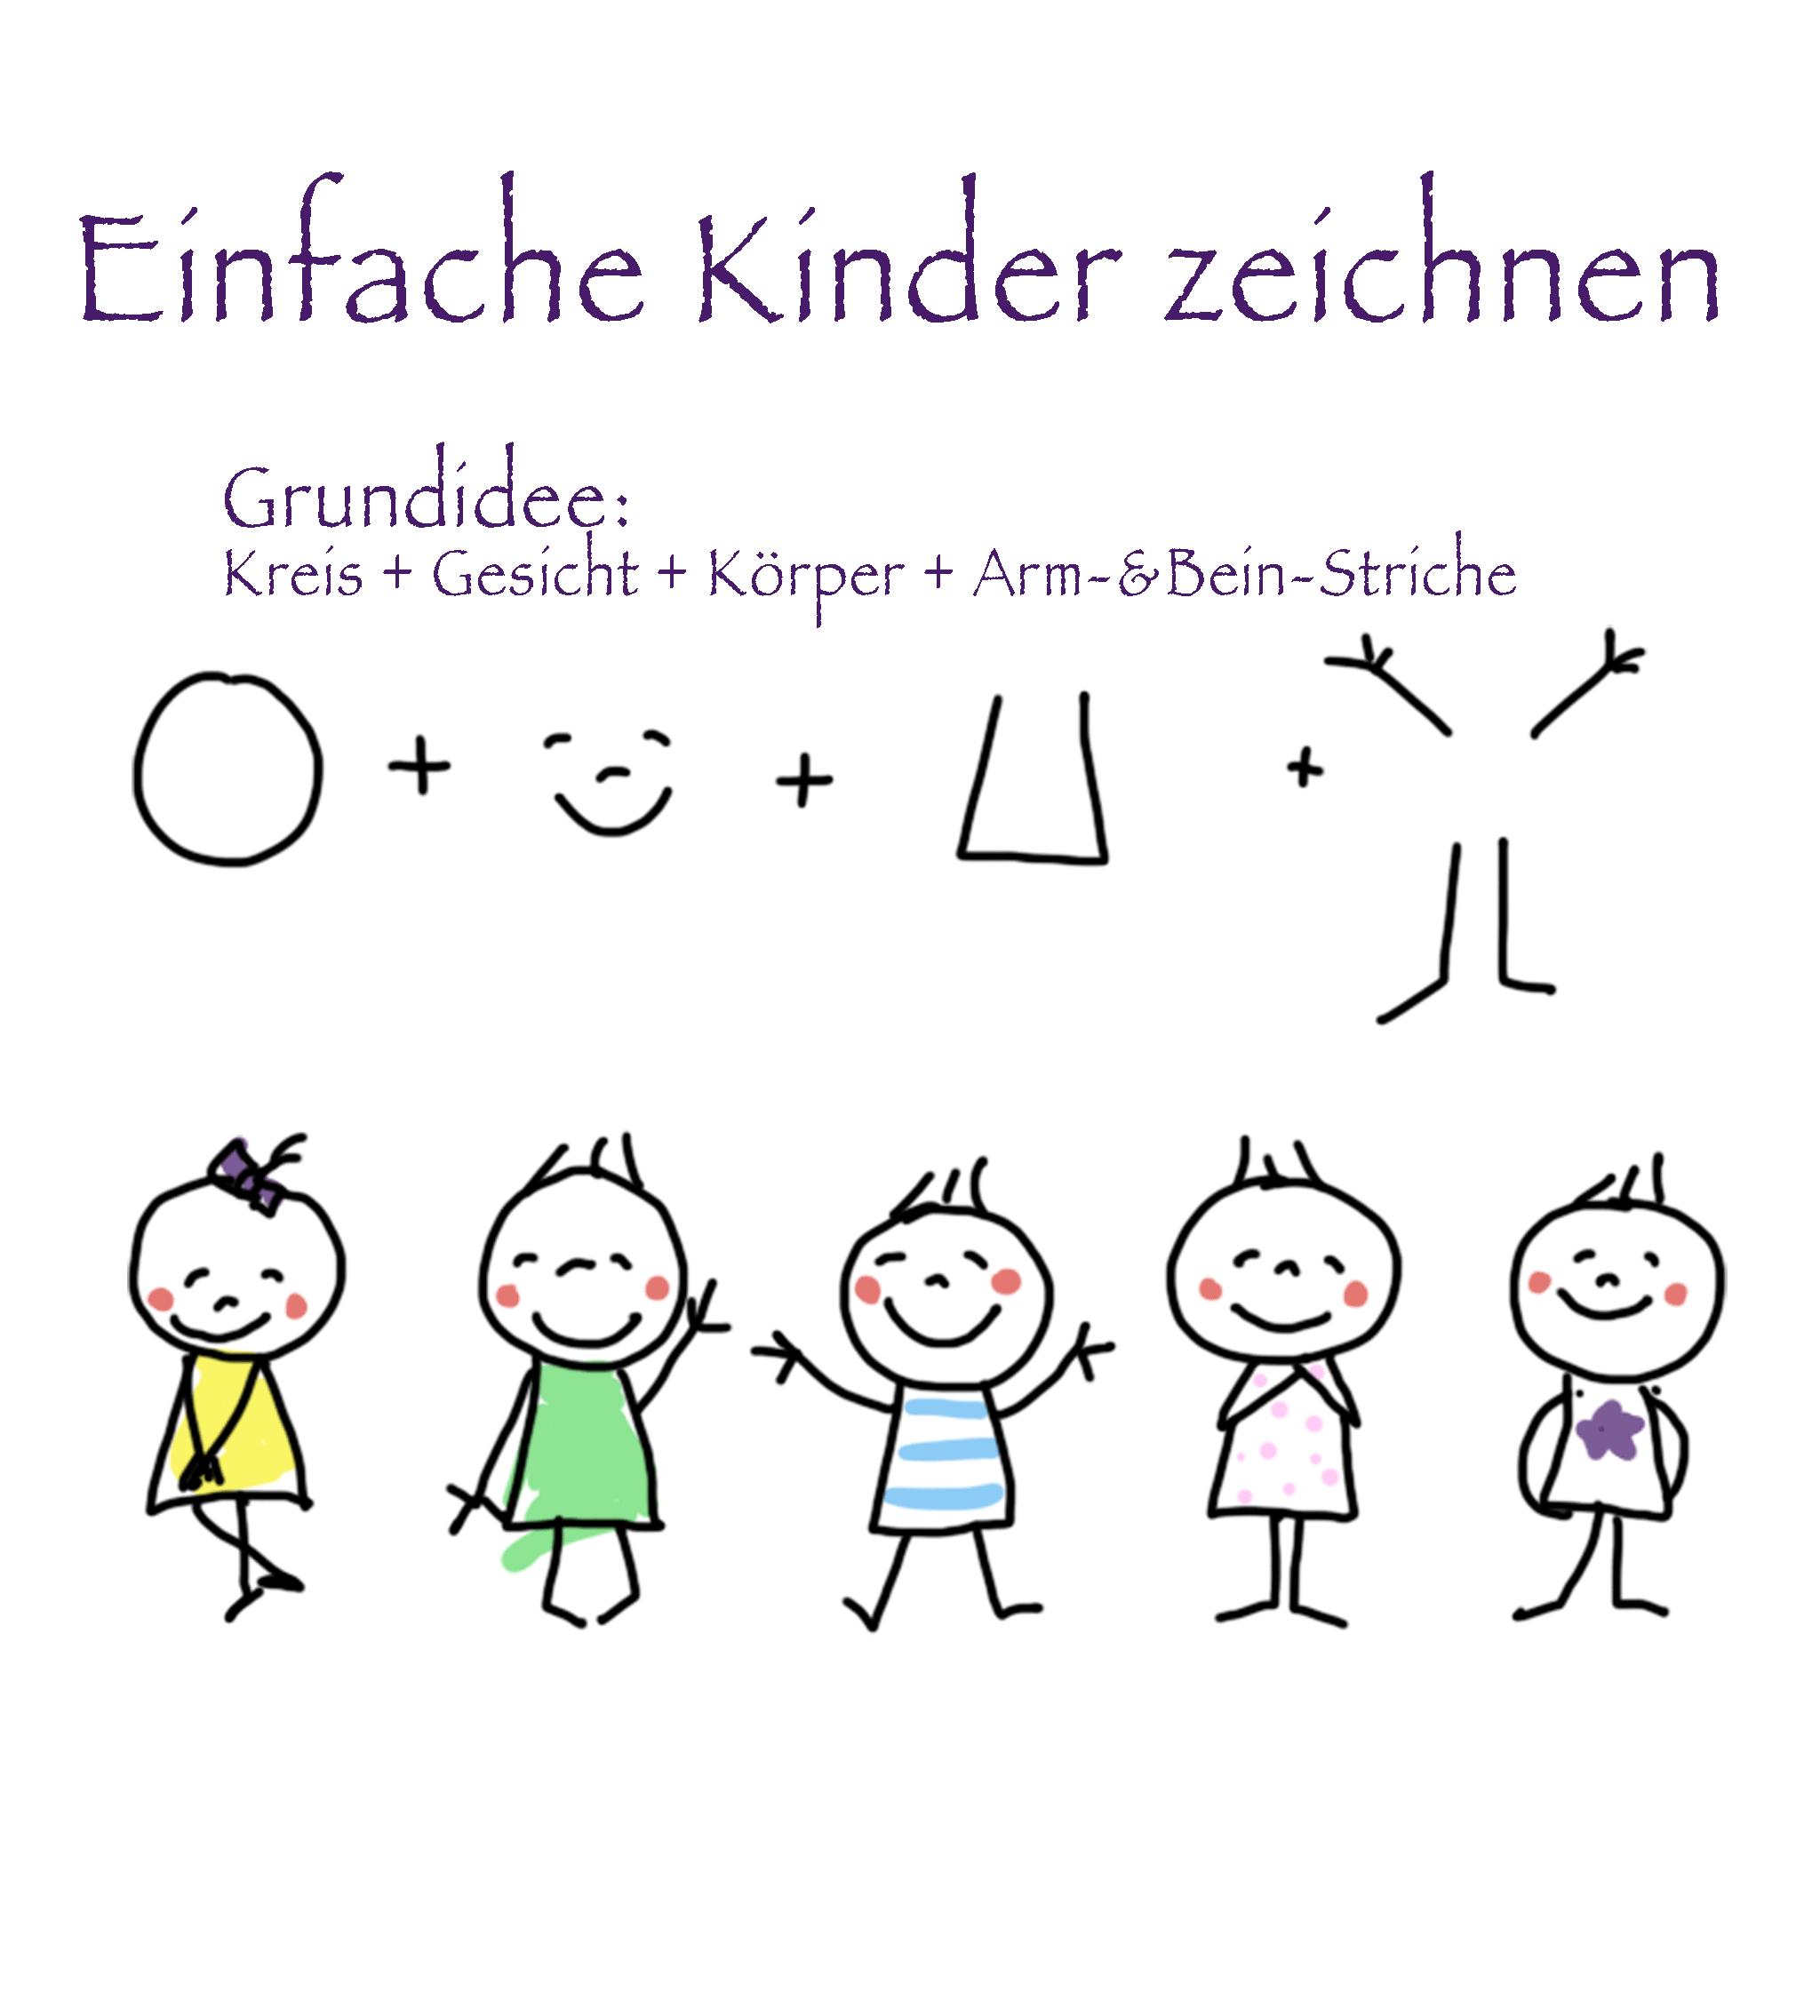 Ziemlich Kinder Die Bilder Für Das Malen Zeichnen Galerie ...